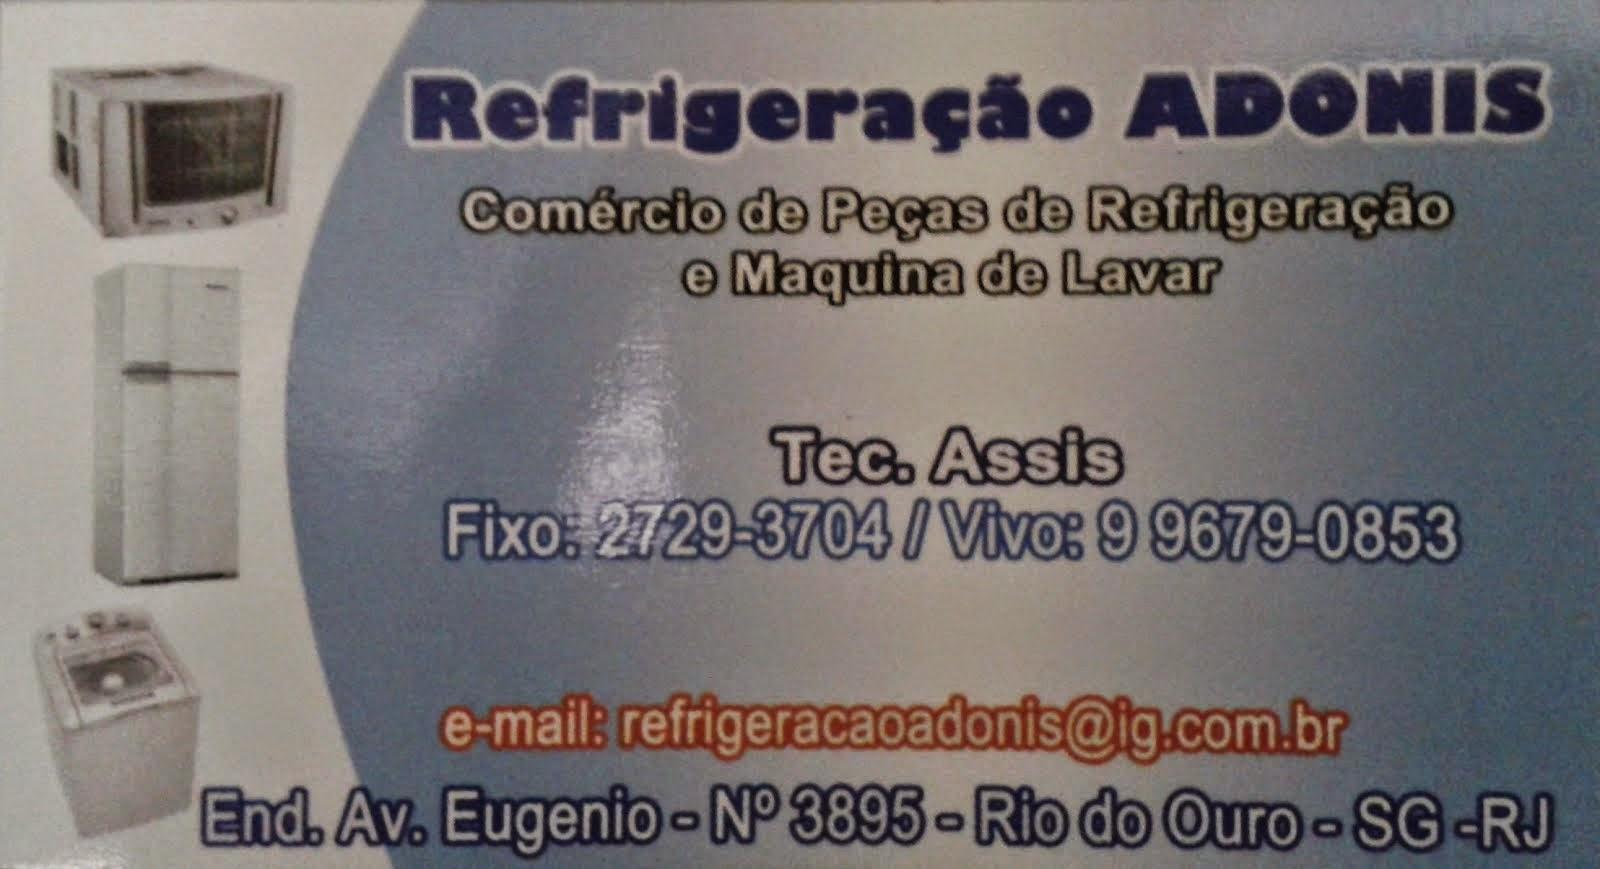 Refrigeração